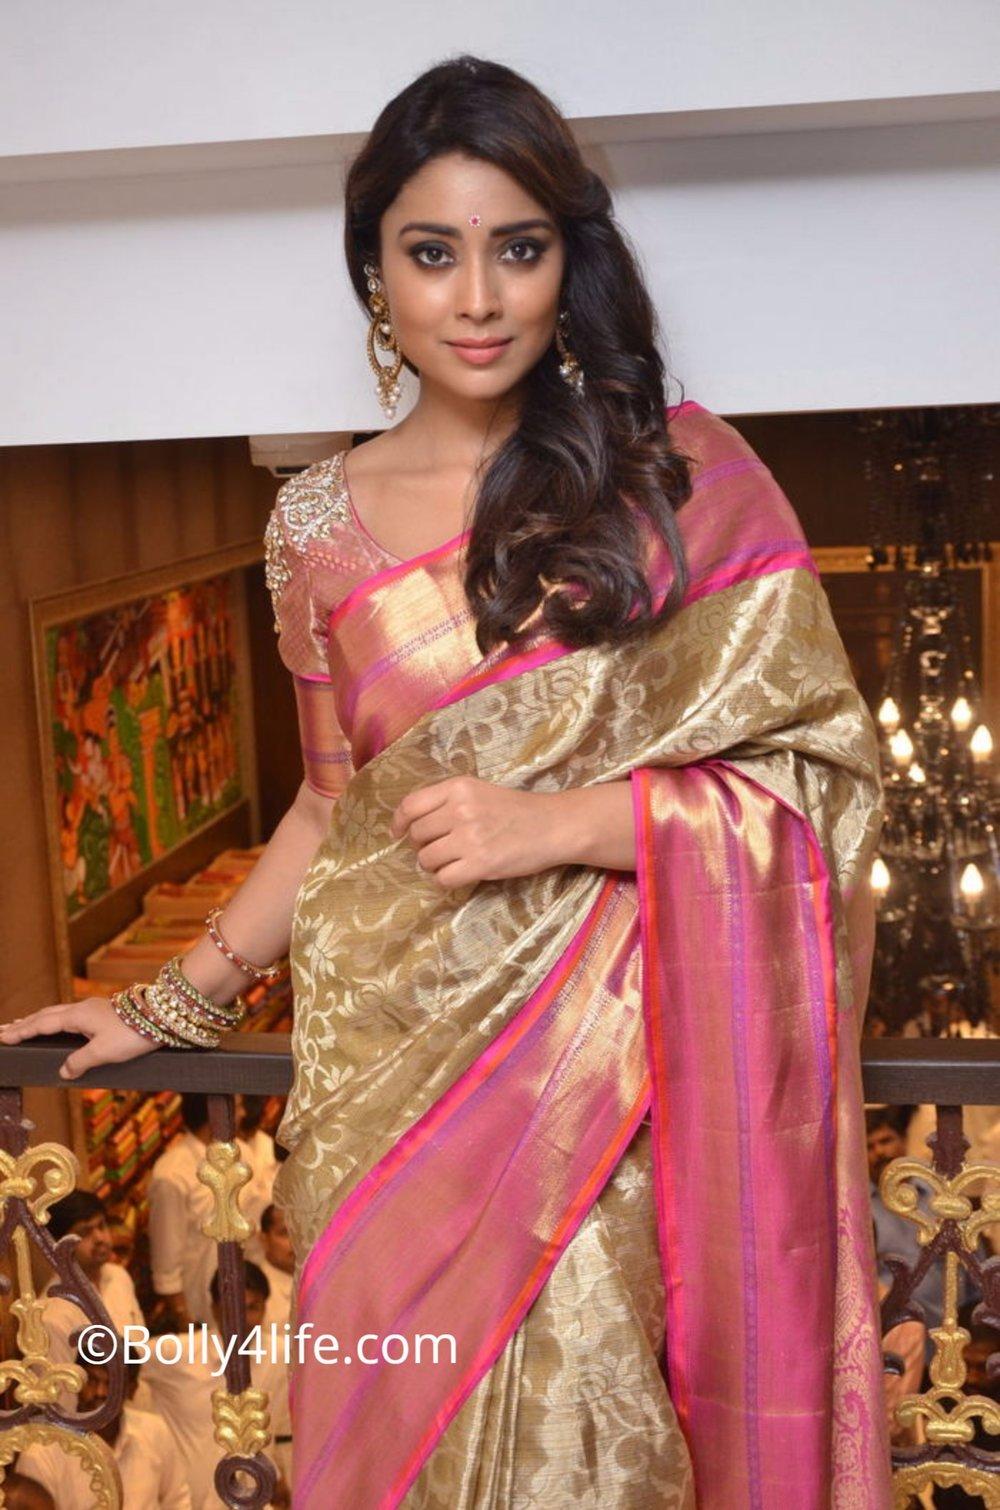 Shriya Saran (72)1492165576.JPG